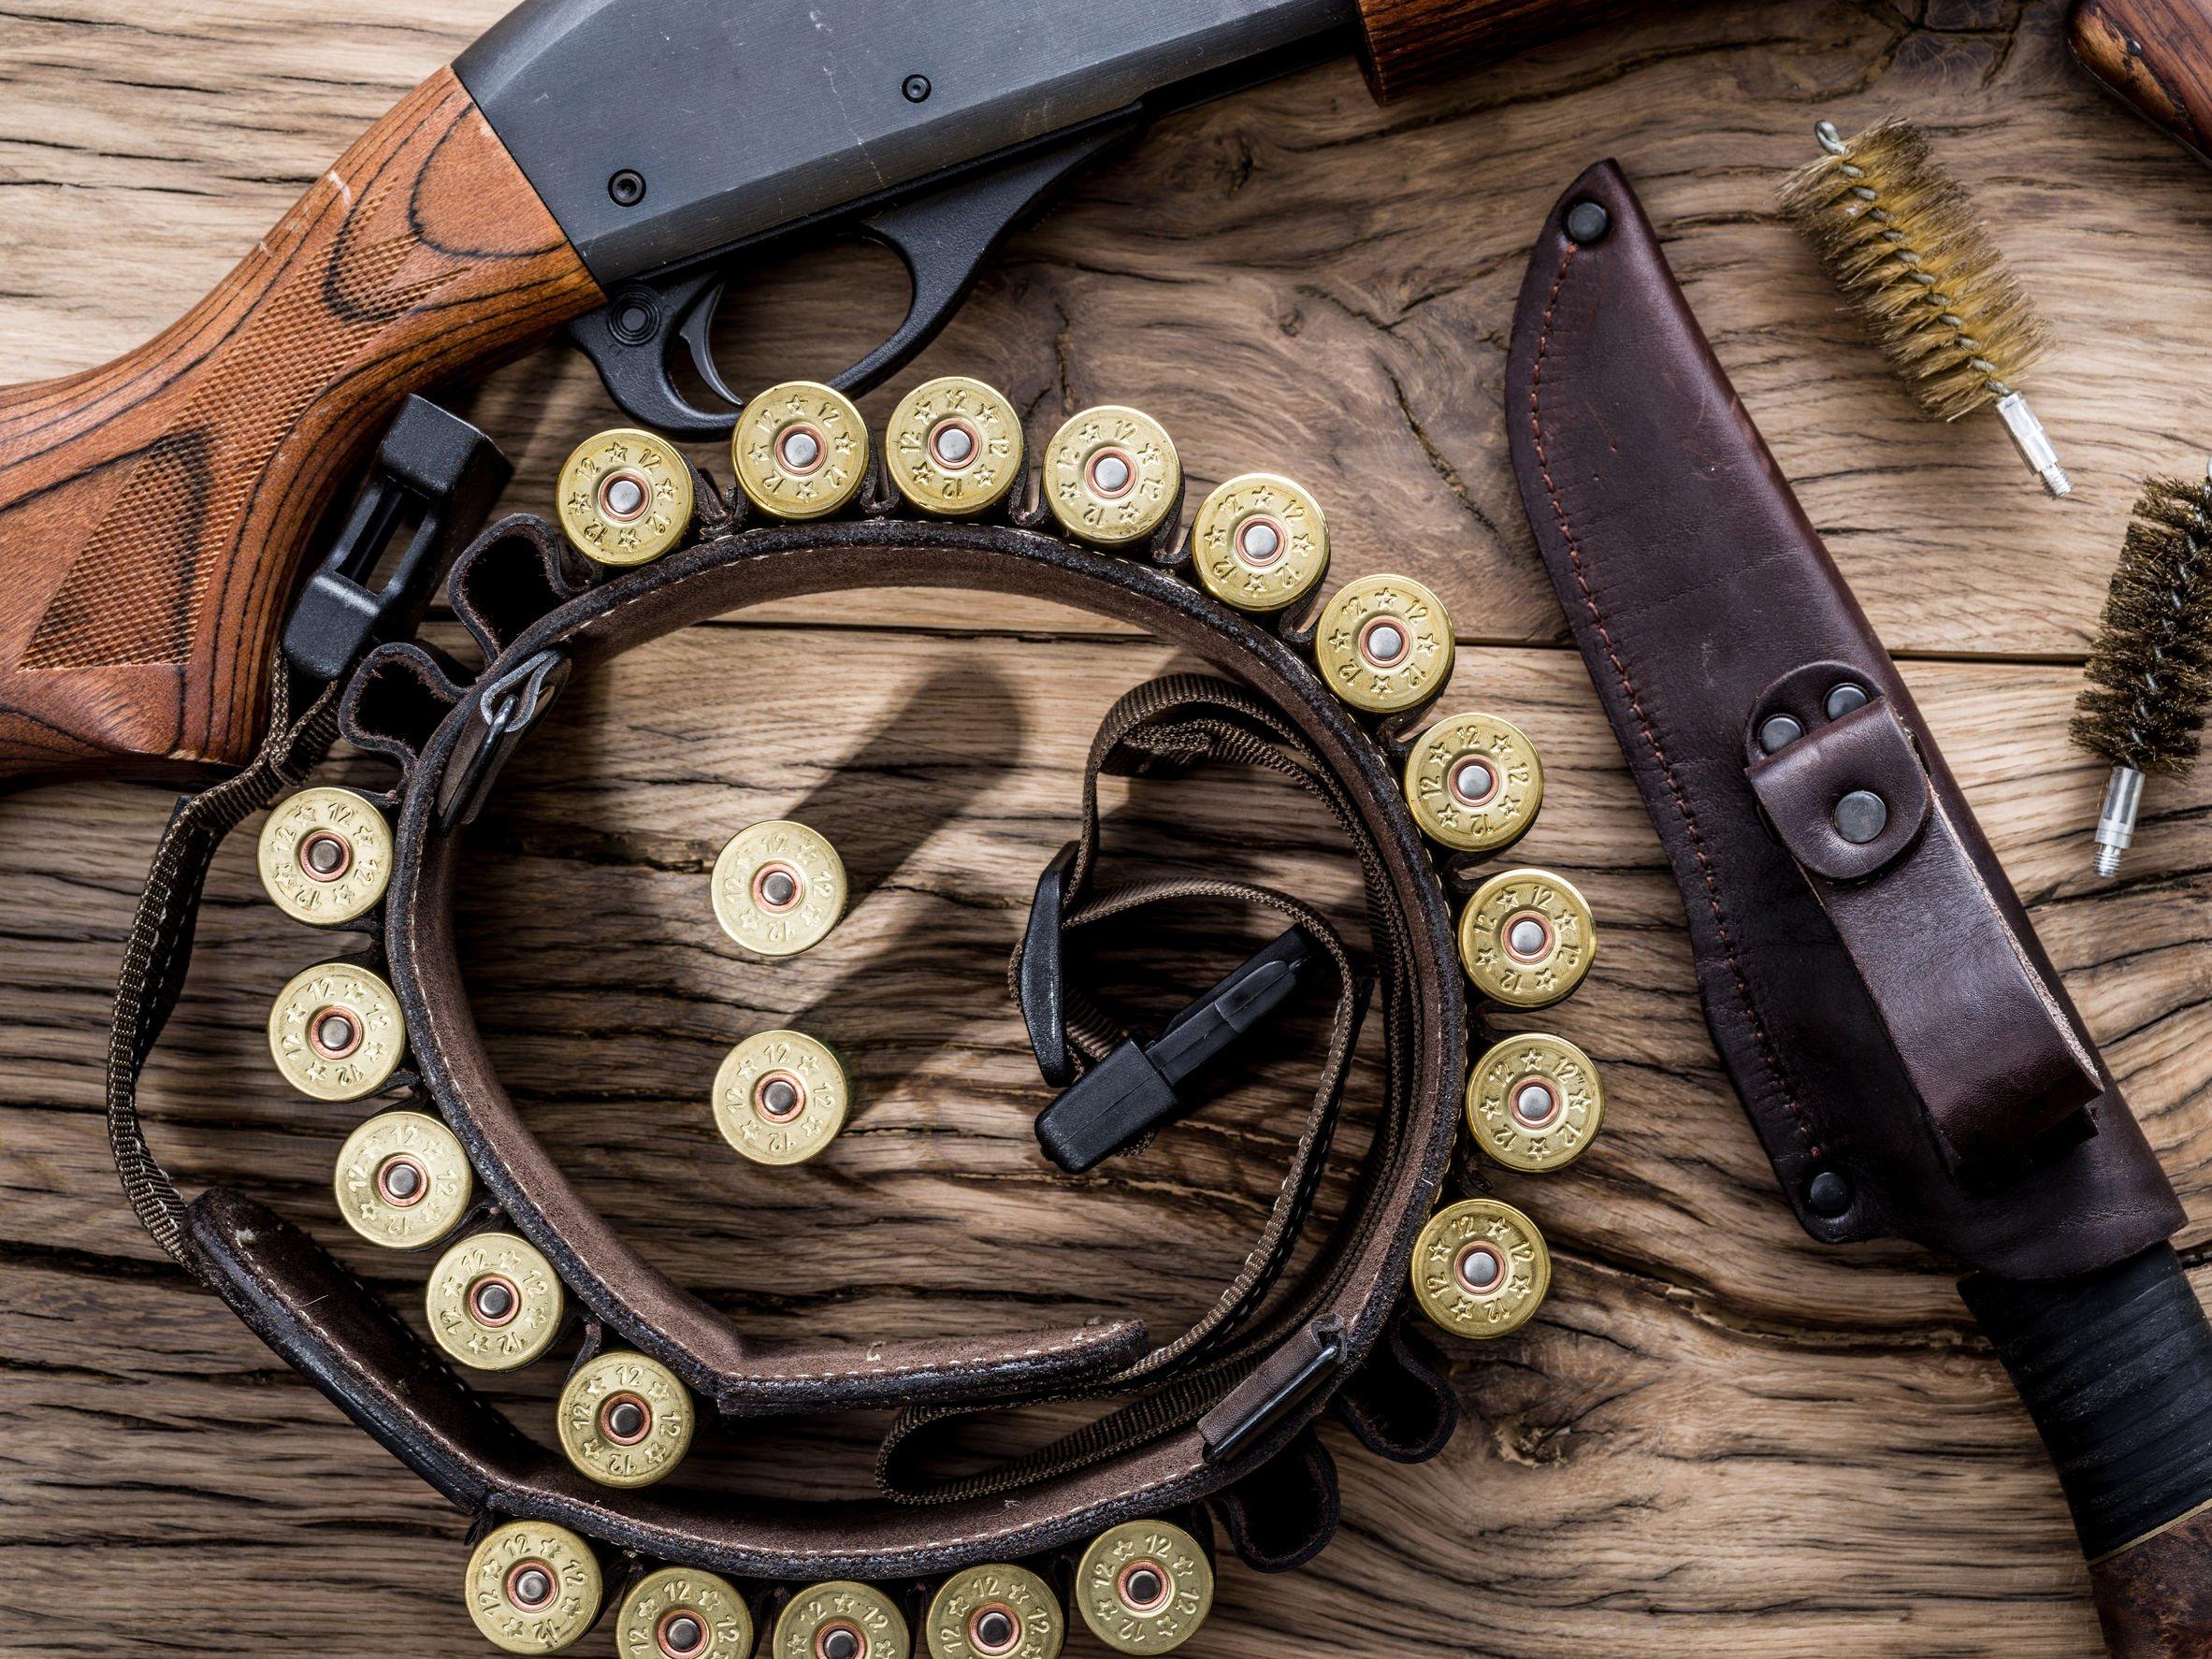 Accessories for shotgun